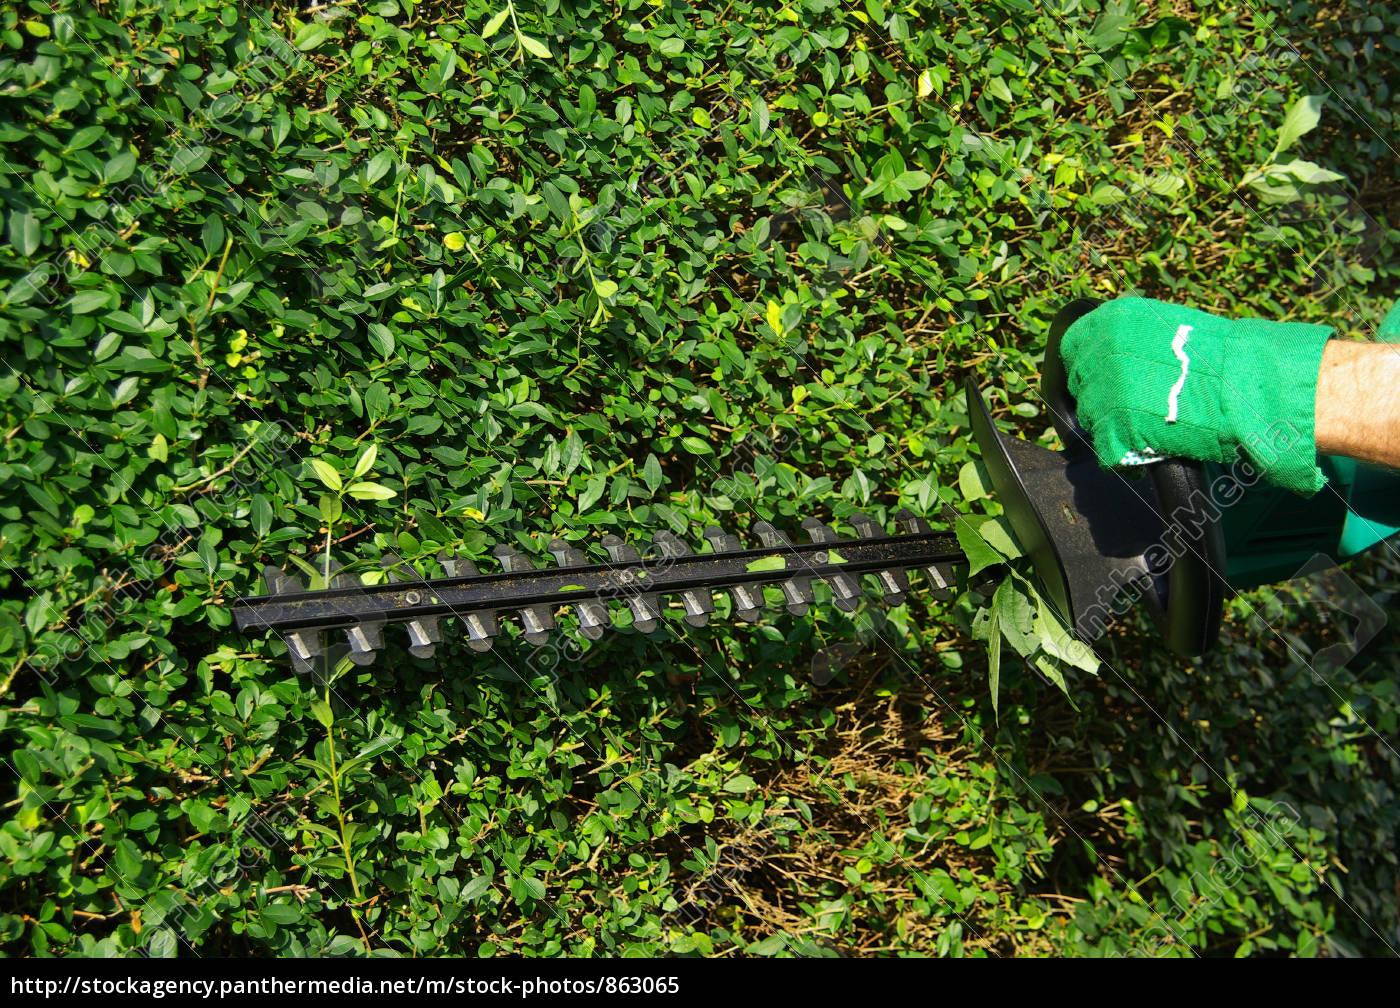 Hecke schneiden  Hecke schneiden 01 - Lizenzfreies Bild - #863065 - Bildagentur ...